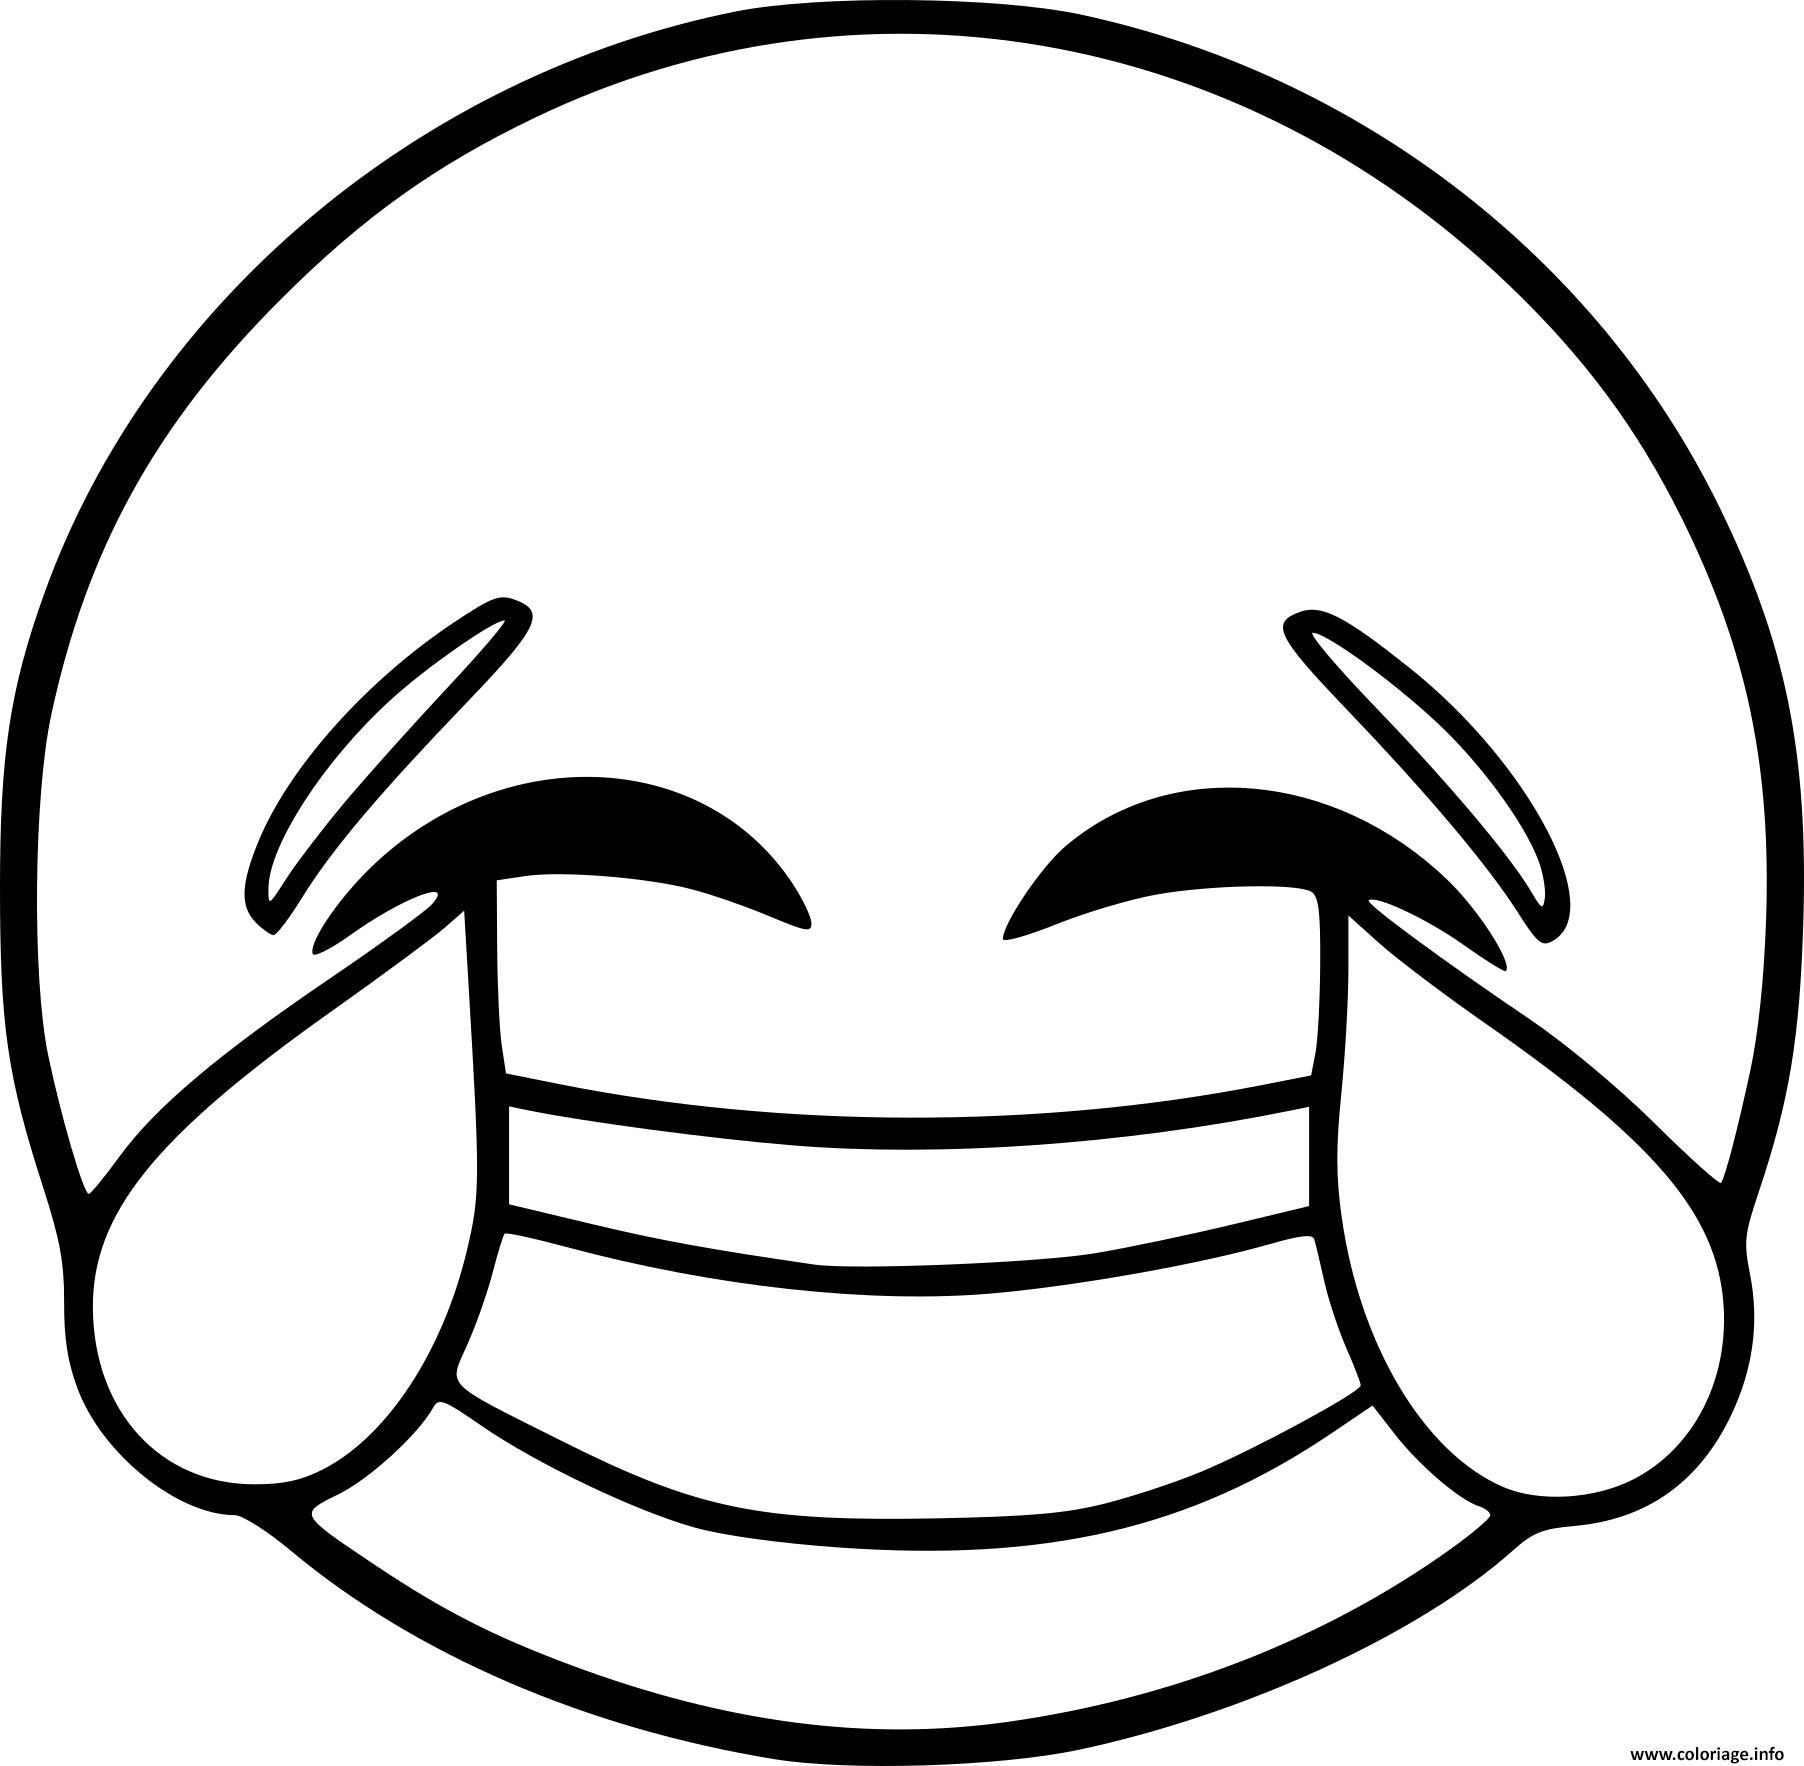 Coloriage Smiley Emoji Rire Jecoloriecom